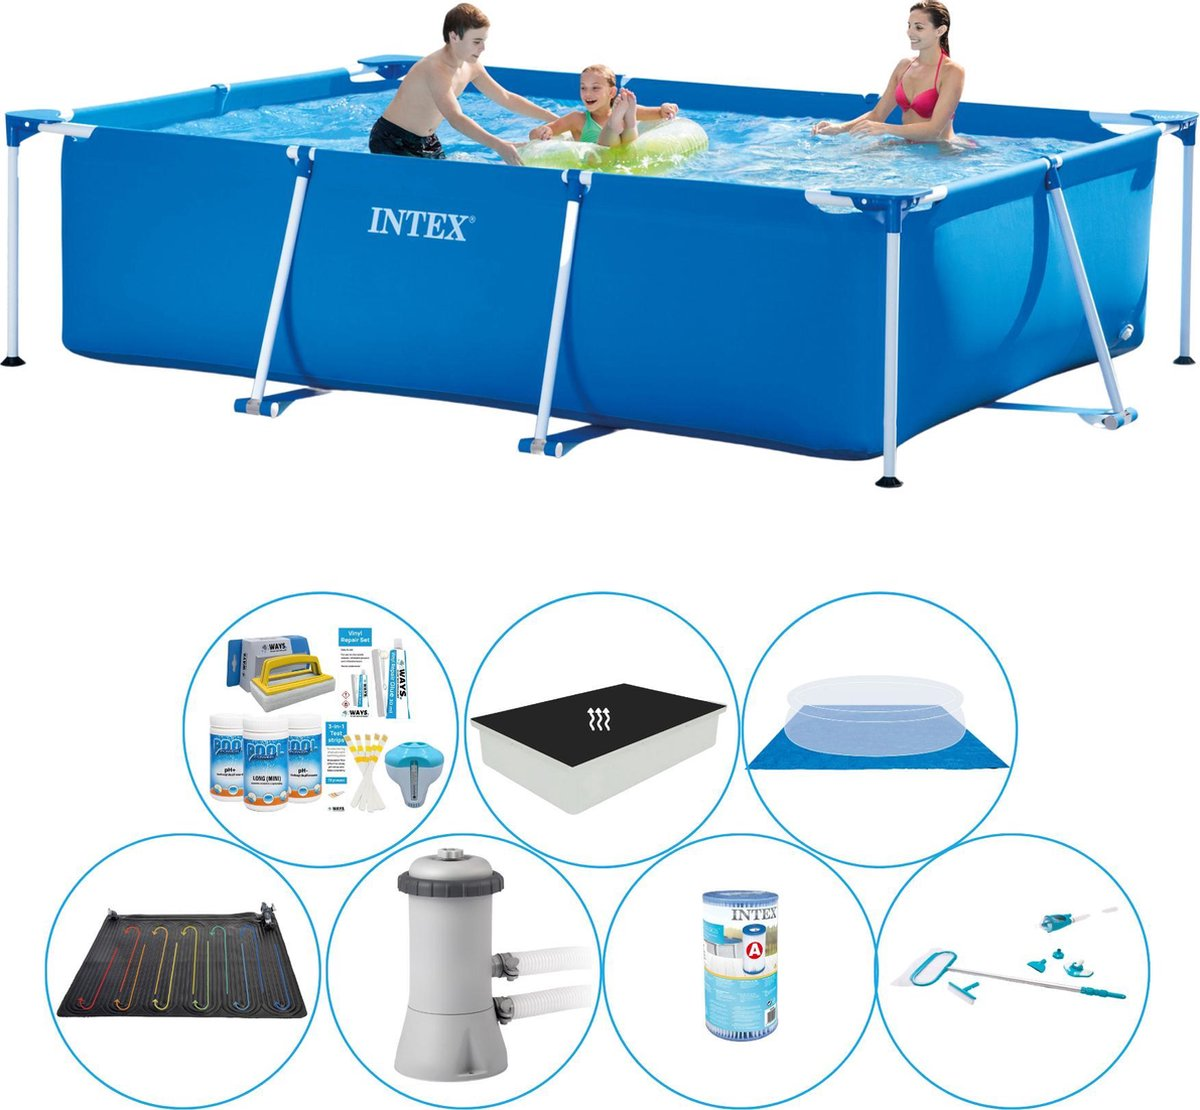 Intex Frame Pool Rechthoekig 300x200x75 cm - Alles in 1 Zwembad Set